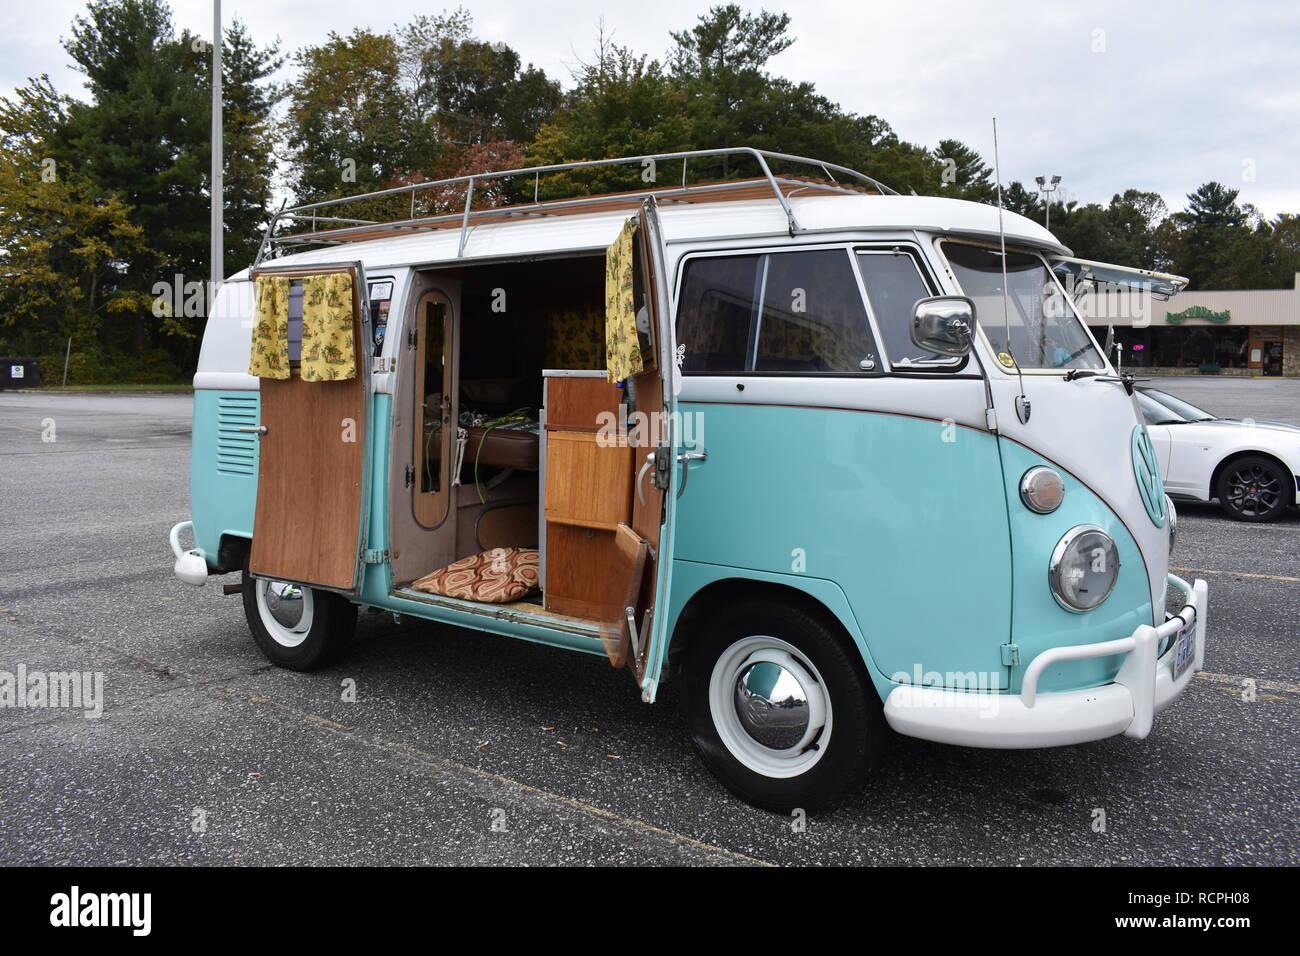 A Volkswagen microbus camper van Stock Photo: 231606936 - Alamy